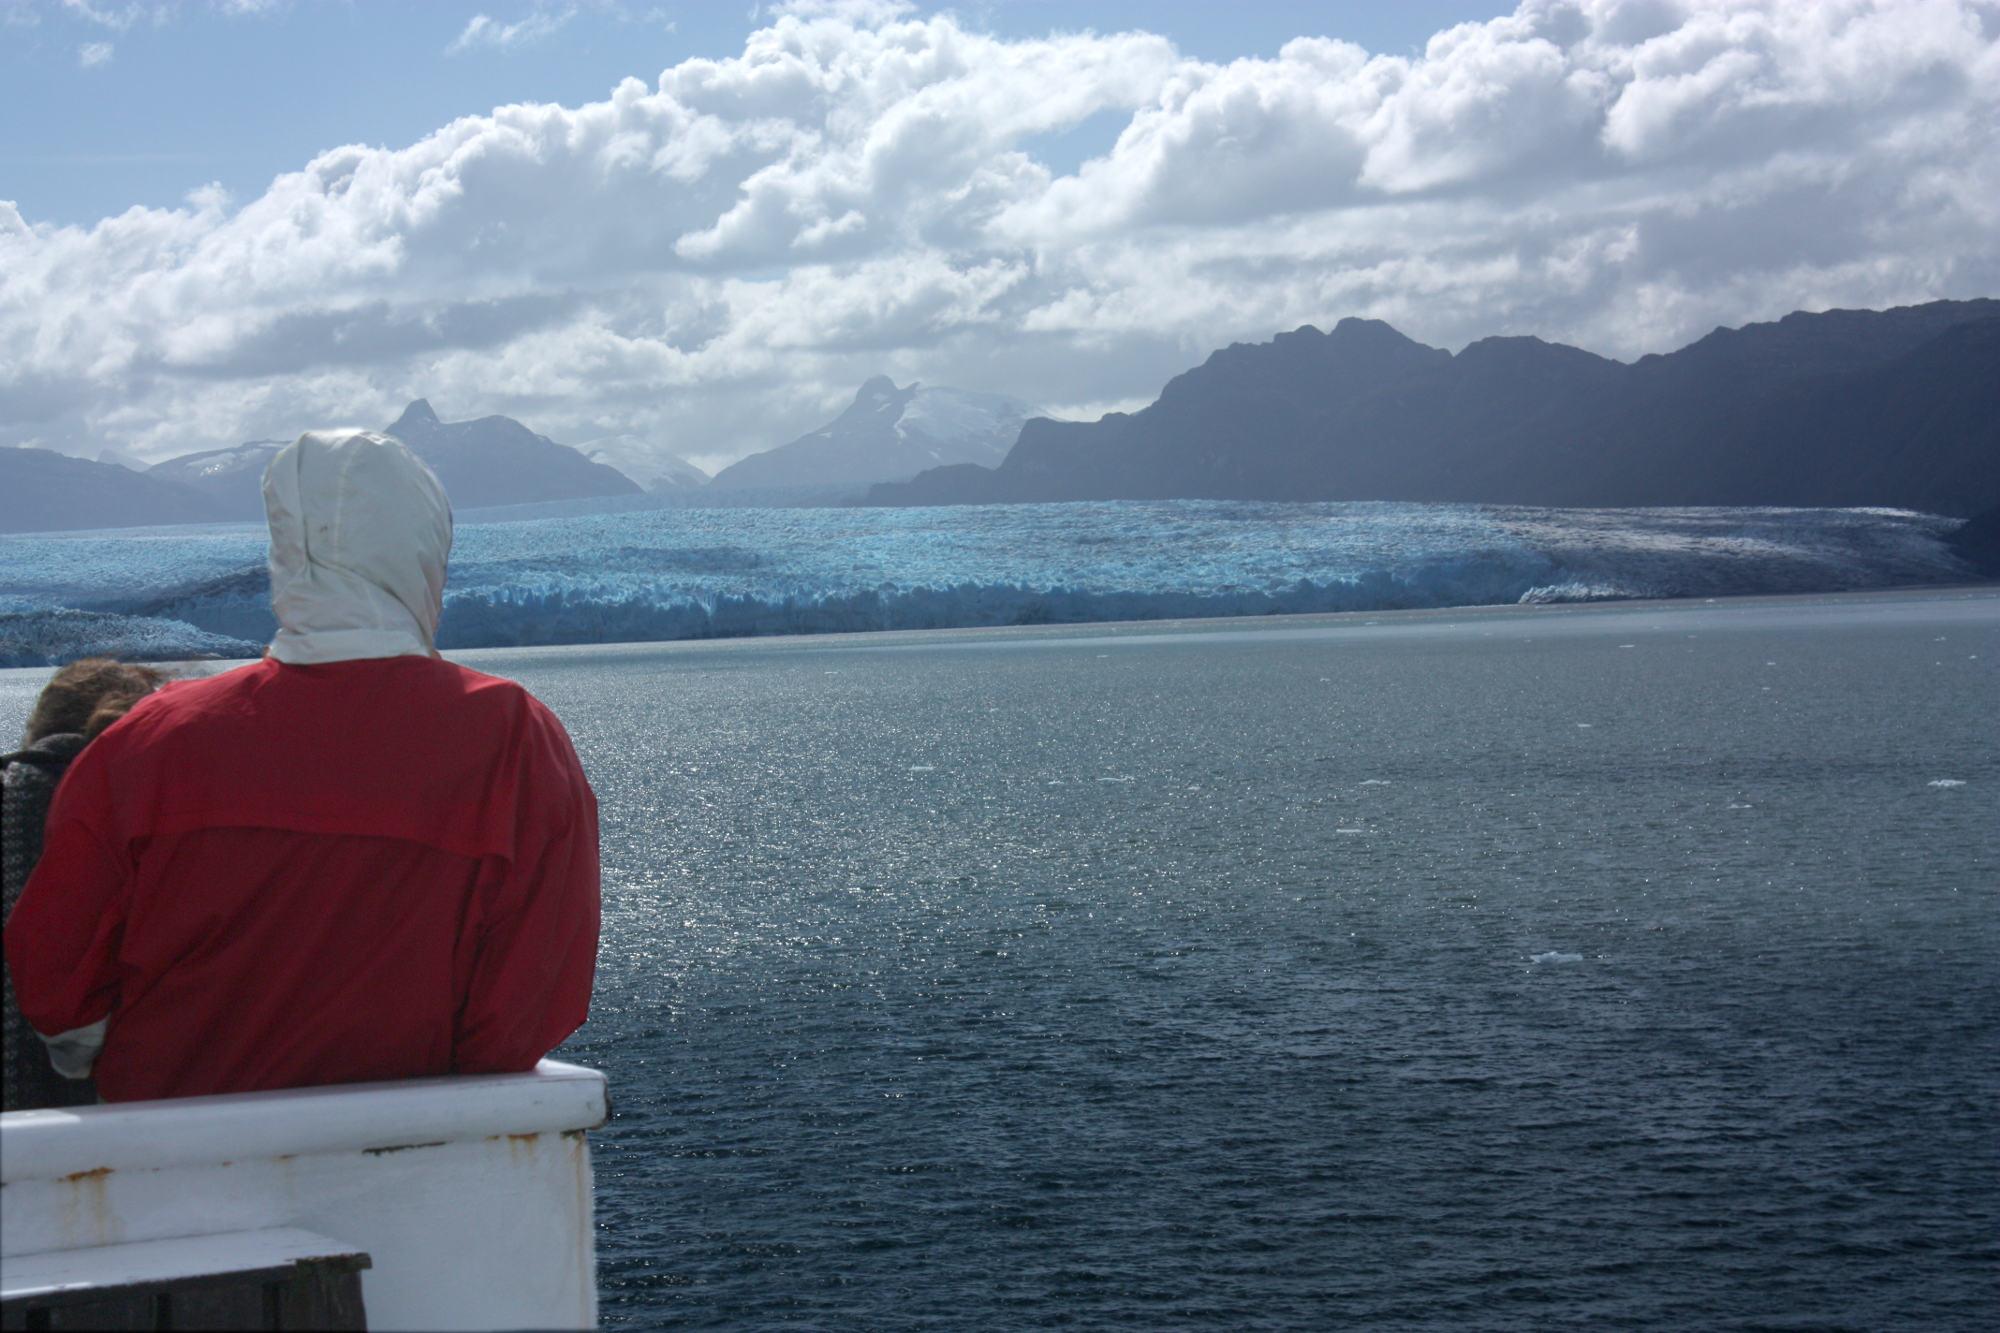 Vista de glacial durante navegação pelos fiordes do Chile (foto: Eduardo Vessoni)